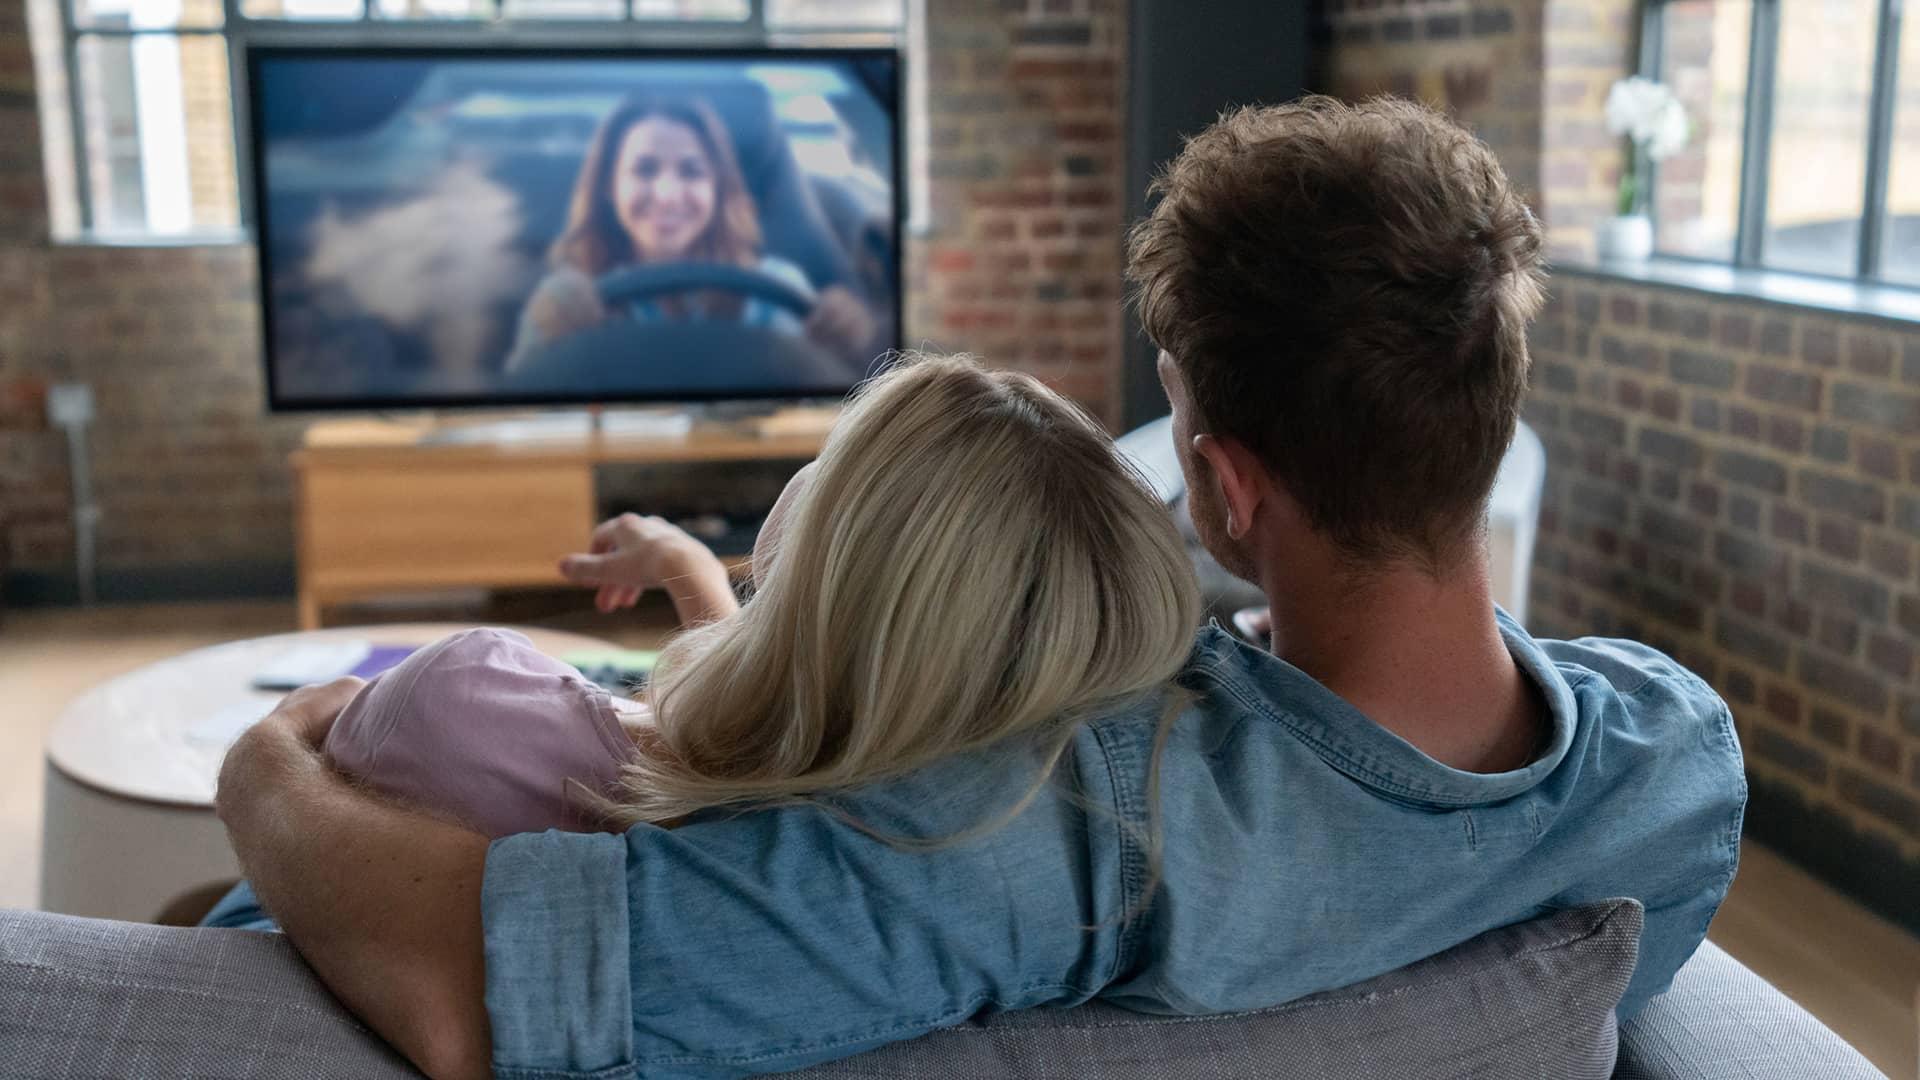 Canal SYFY en Movistar: programación, series y películas